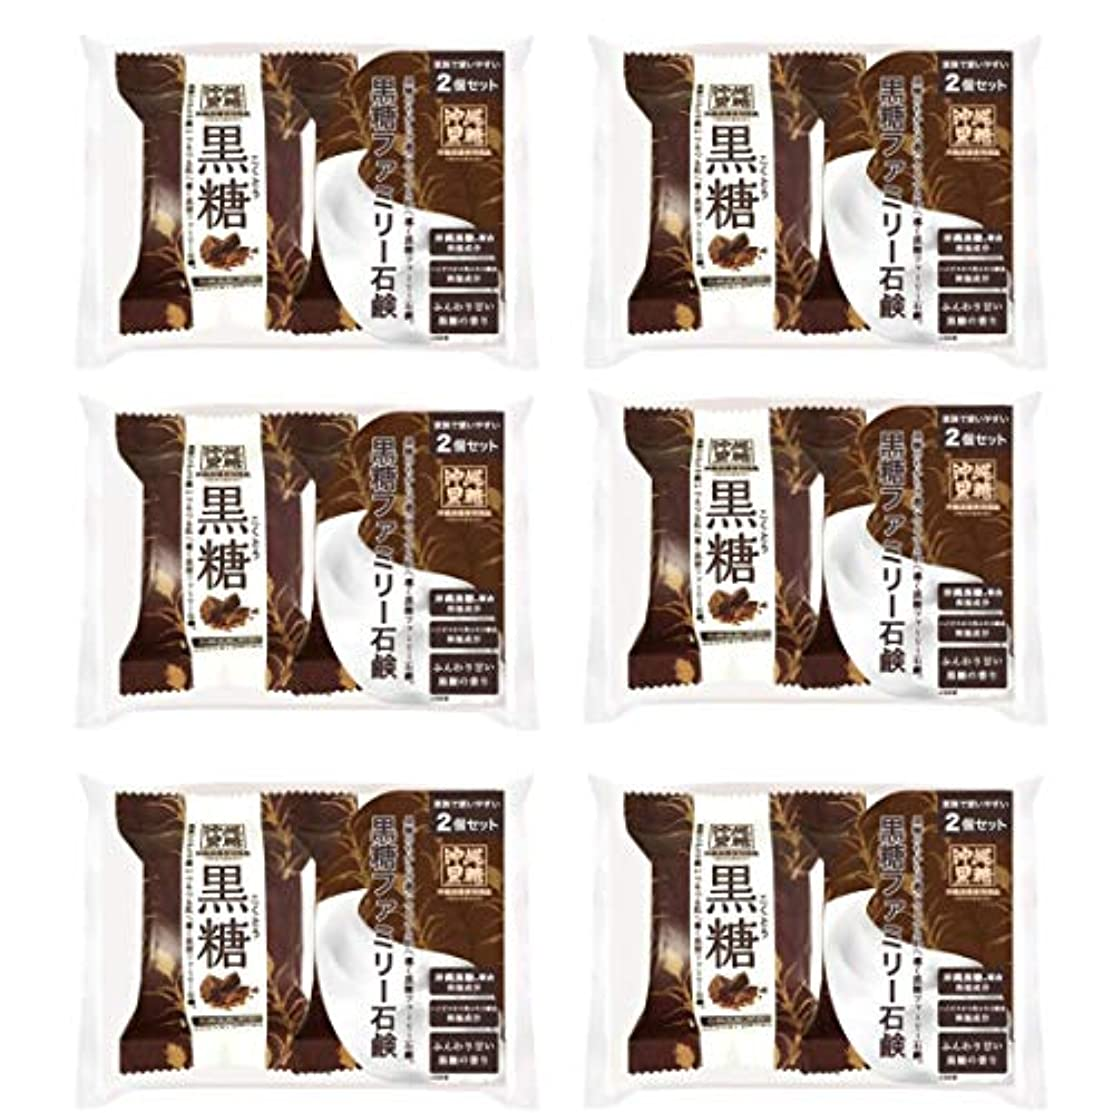 ファントムブローホール食用【6個セット】ペリカン石鹸 ファミリー黒糖石鹸 80g×2個